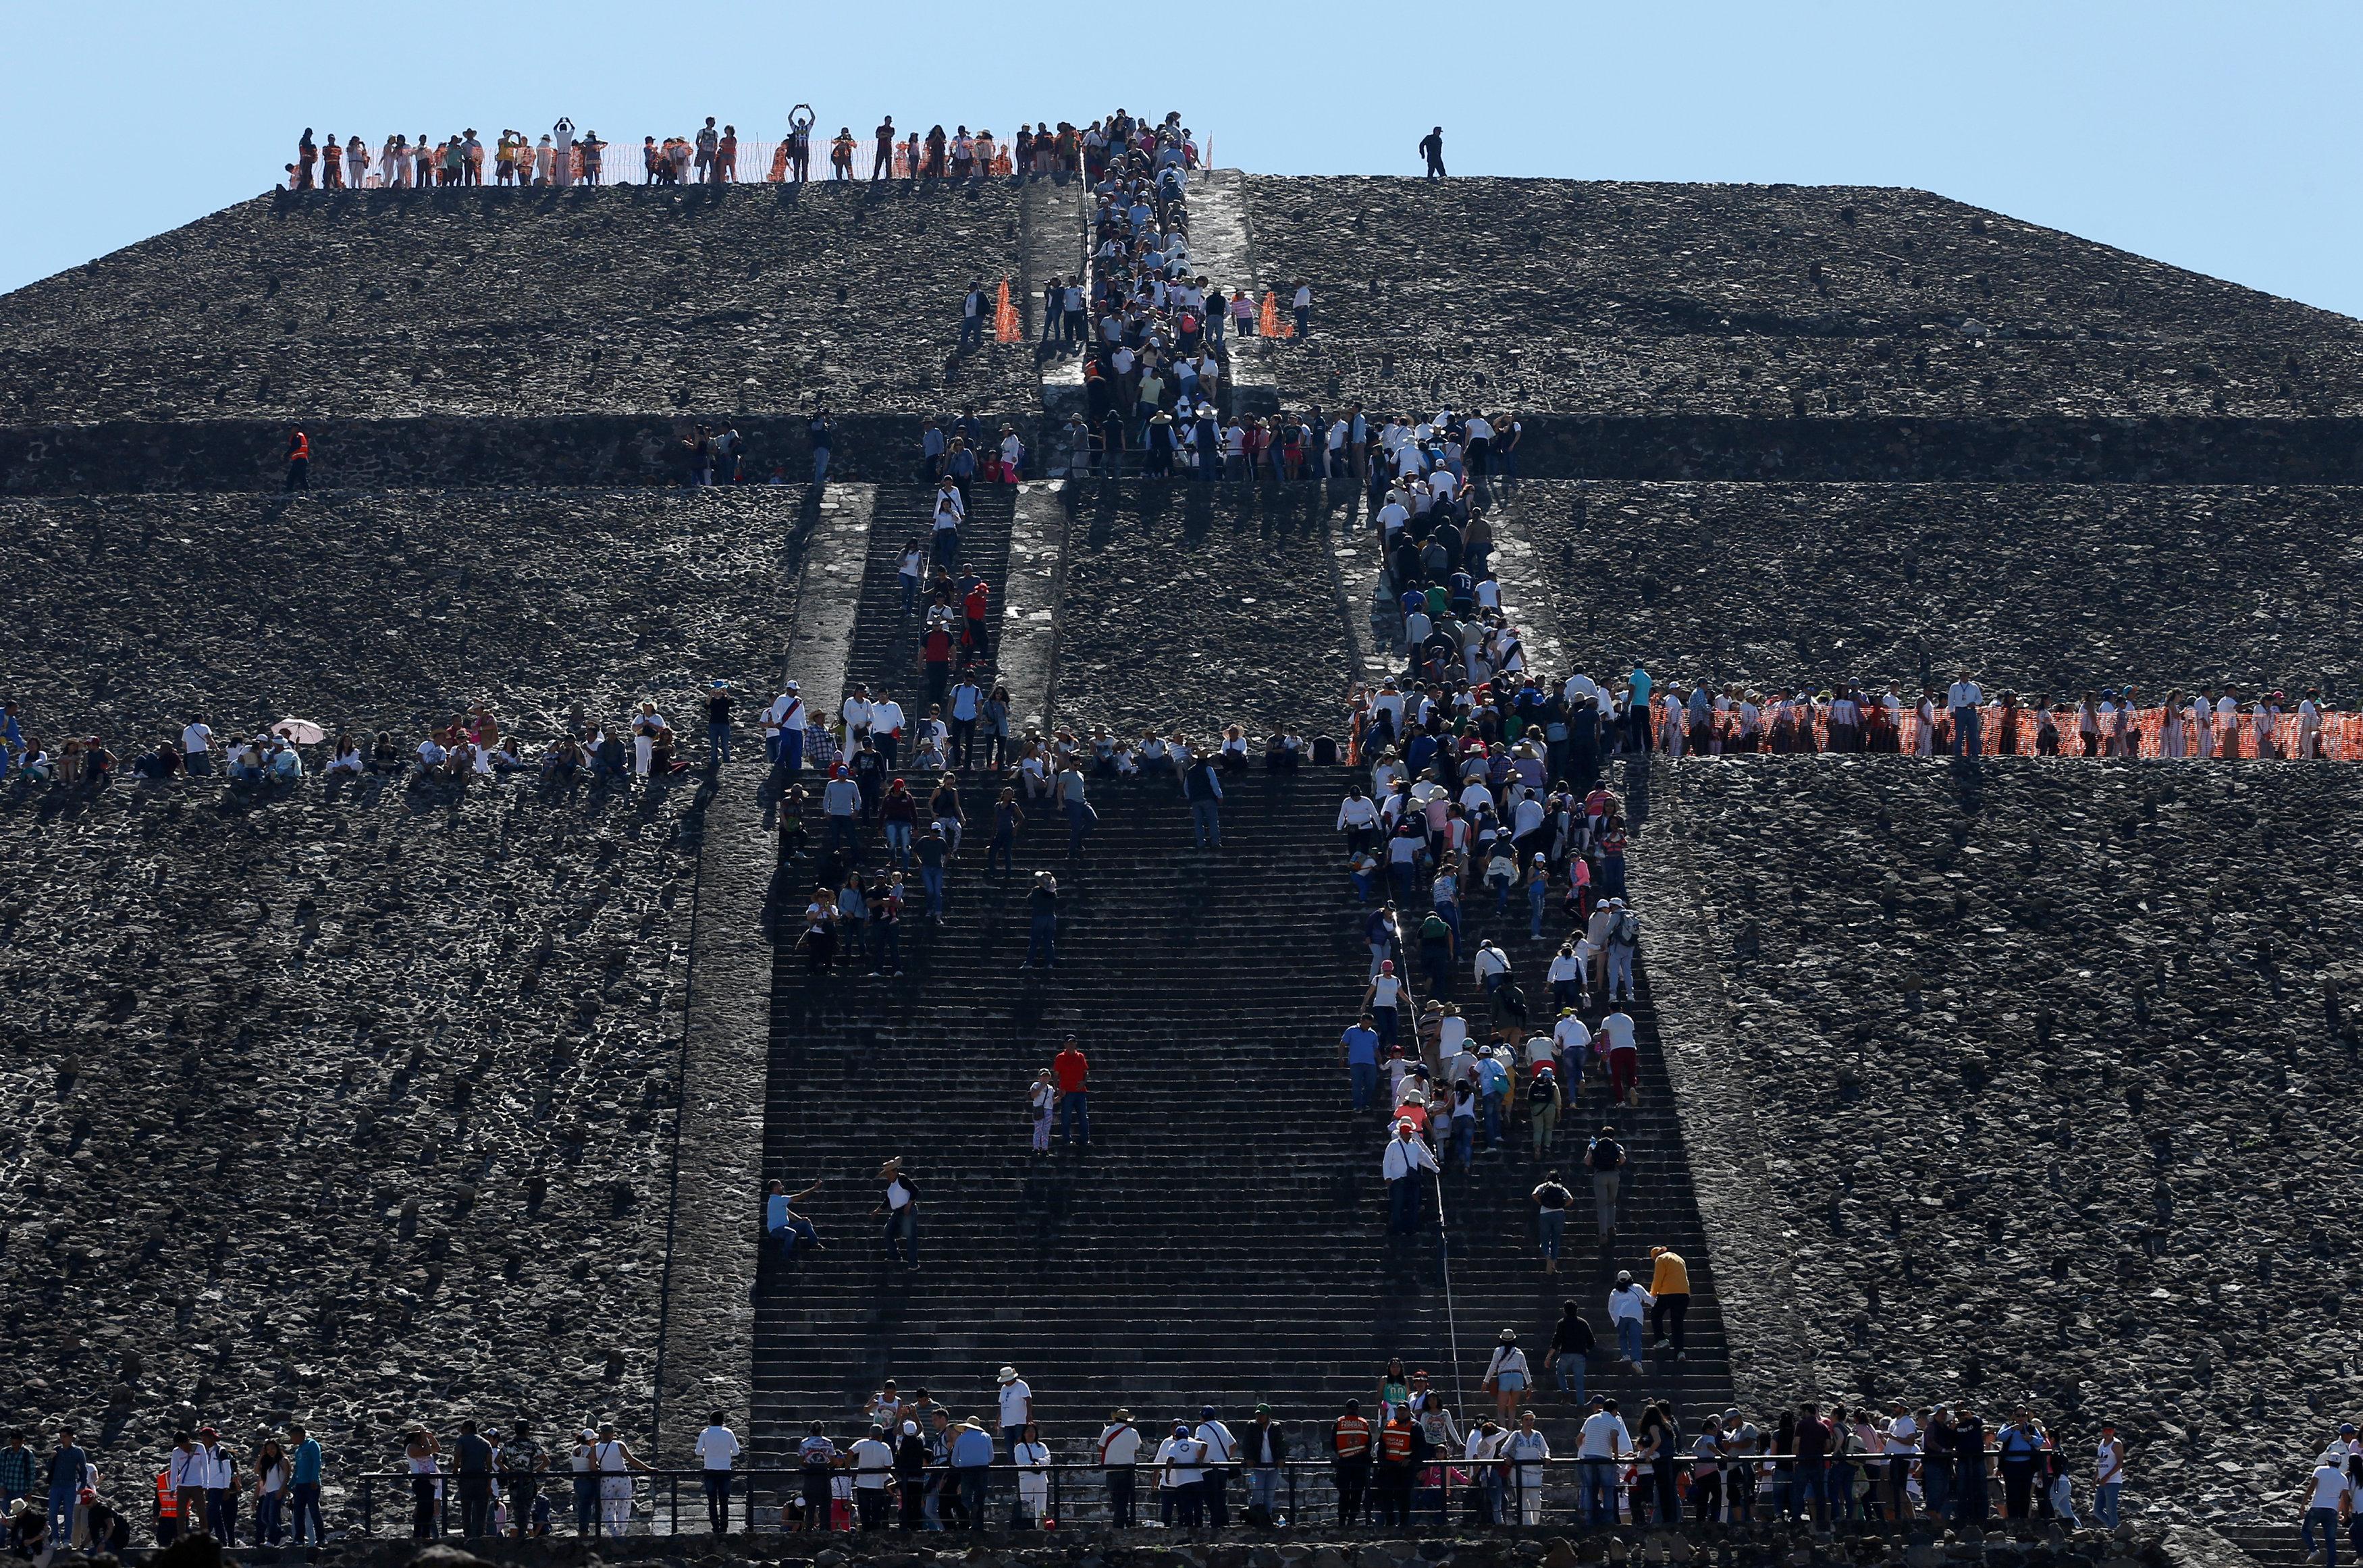 جانب من نزوح المكسيكيين إلى هرم الشمس